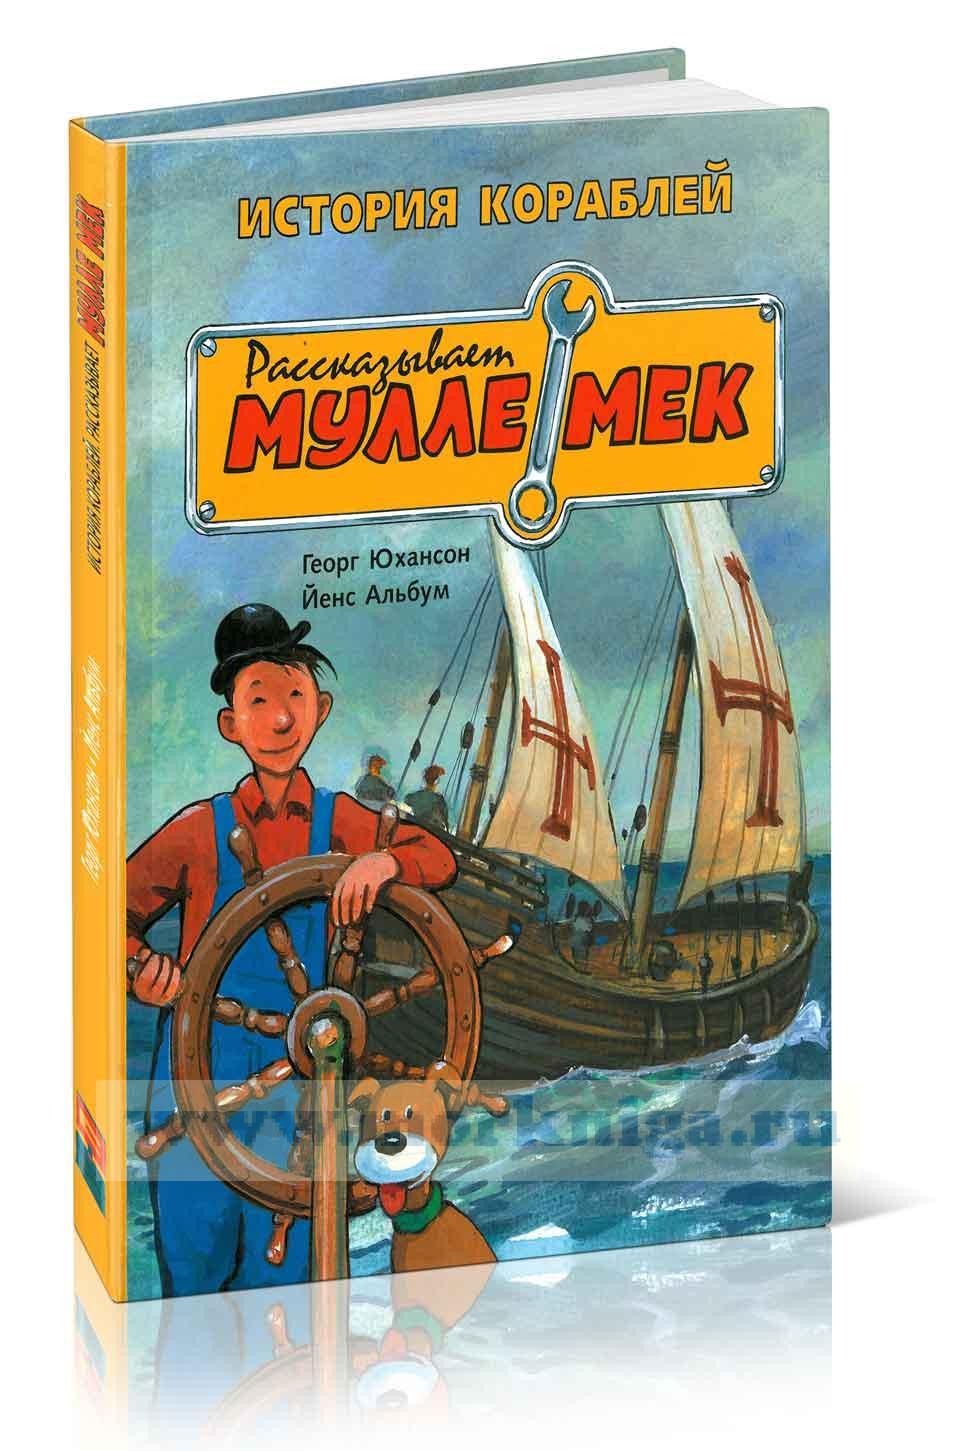 История кораблей. Рассказываем Мулле Мек: история транспорта для детей